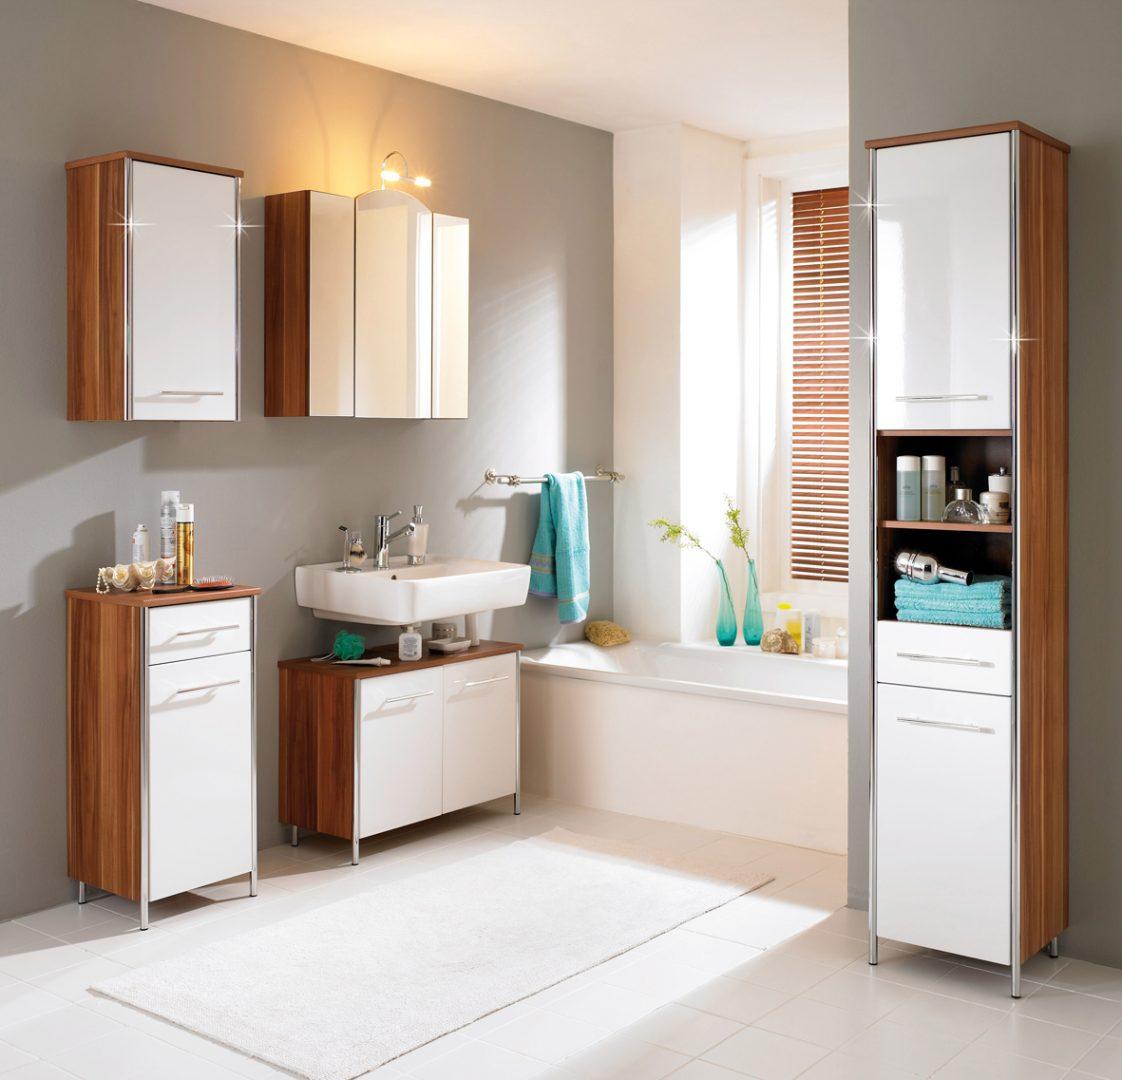 Muebles De Baño Imagenes: en baños  Somos una guía perfecta para la decoración de baños